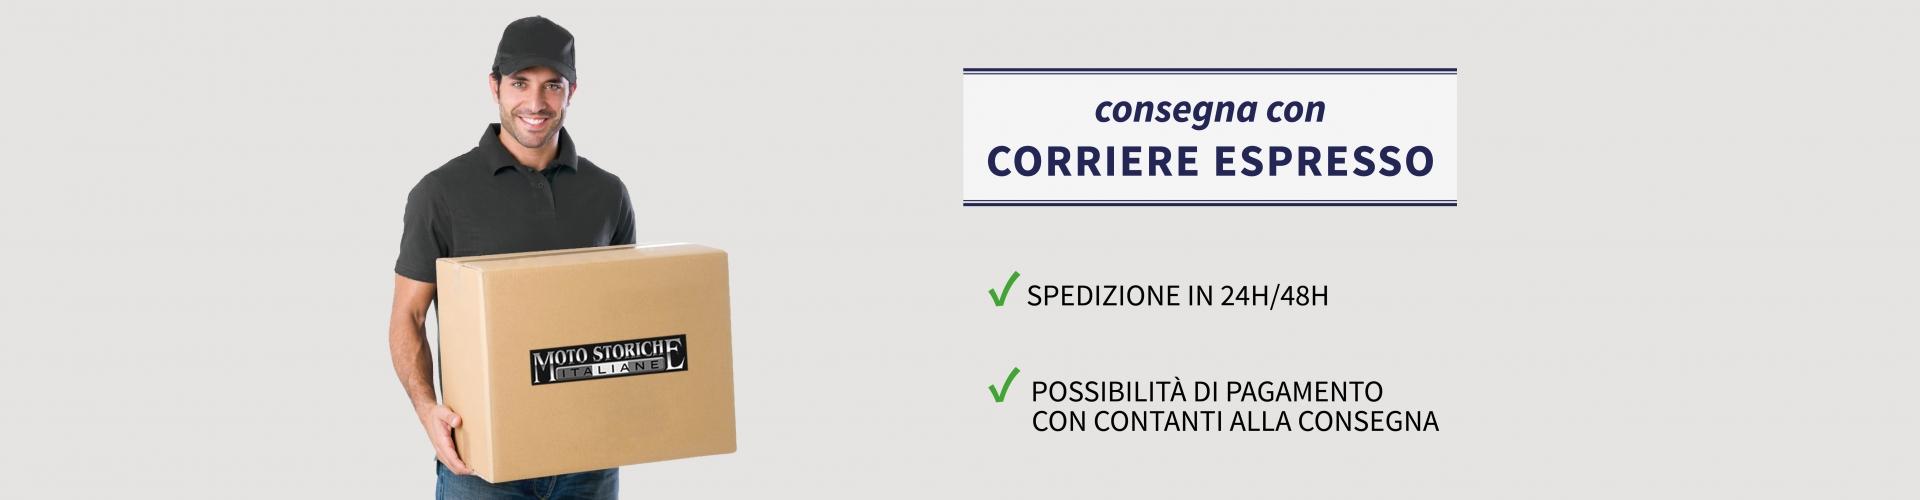 moto-storiche-taliane-terminali-epoca-consegna-corriere-slide-def-c